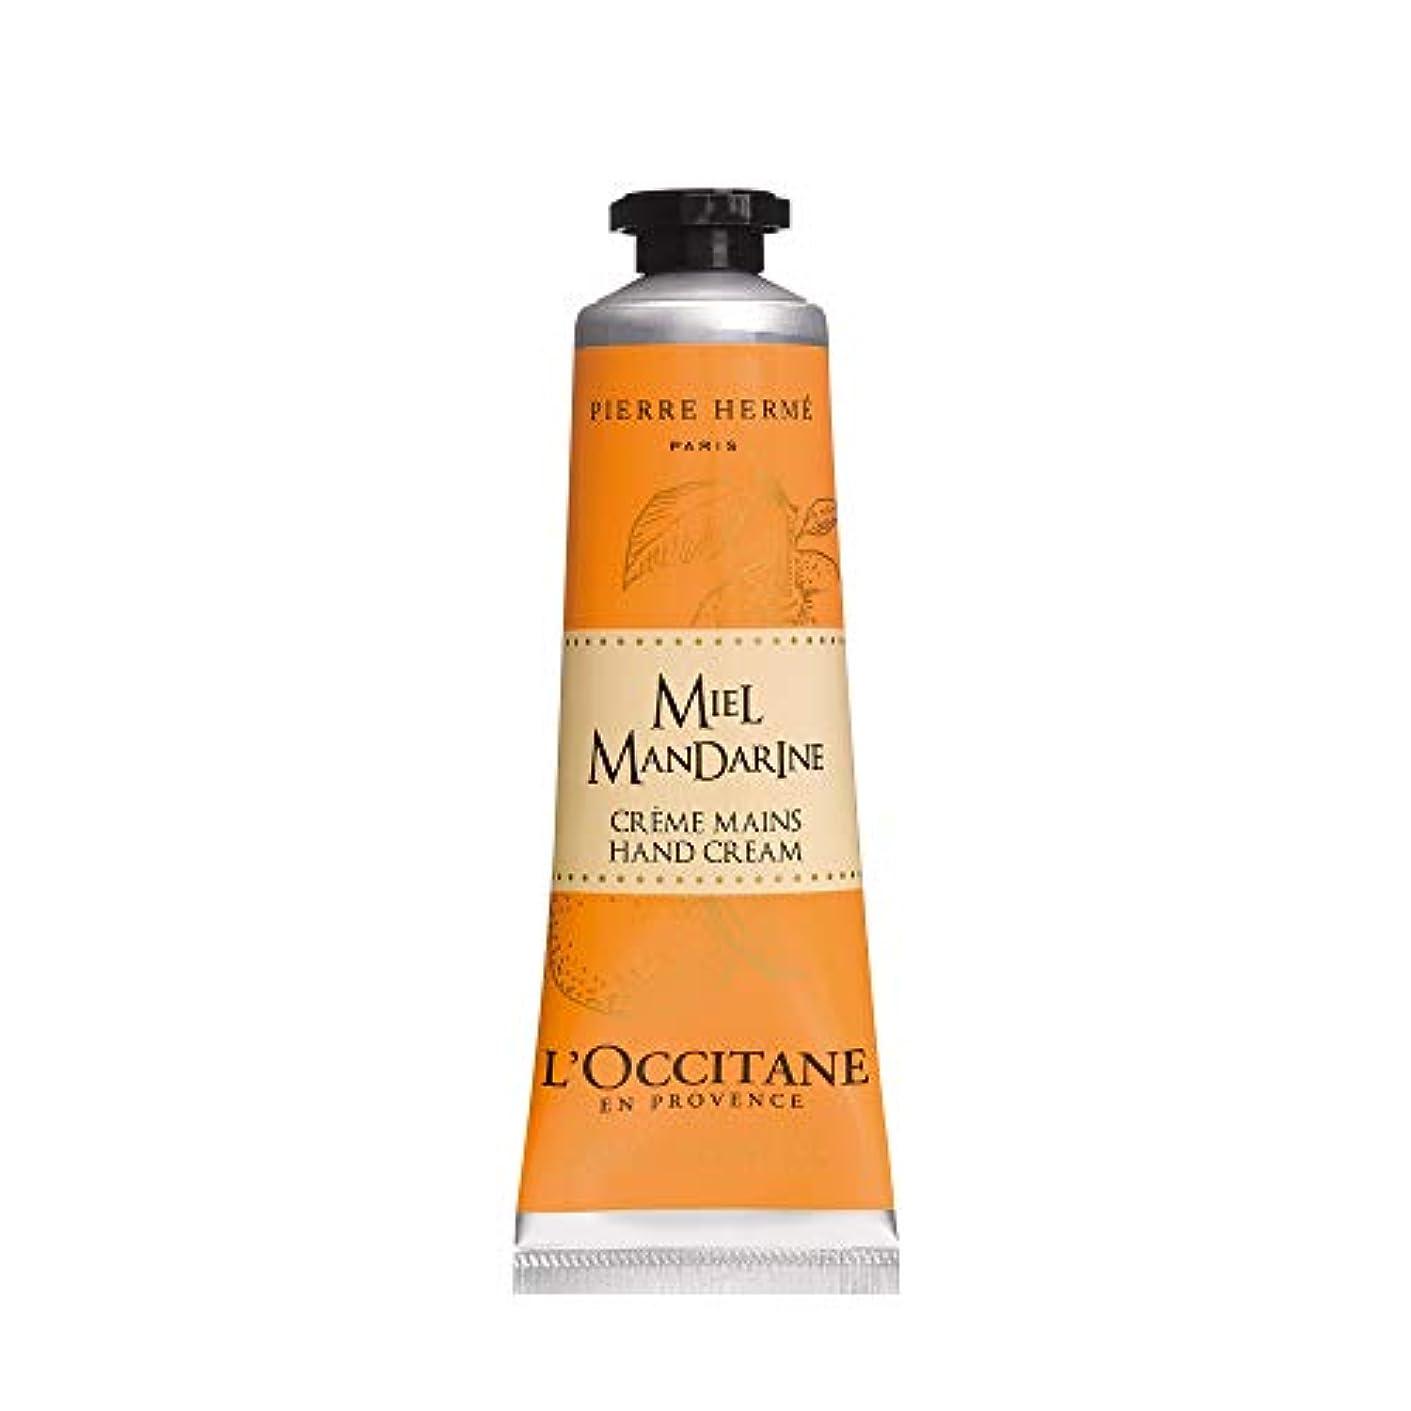 贈り物費やすインストラクターロクシタン(L'OCCITANE) ミエルマンダリン ハンドクリーム 30ml ハートウオーミングオレンジハニー